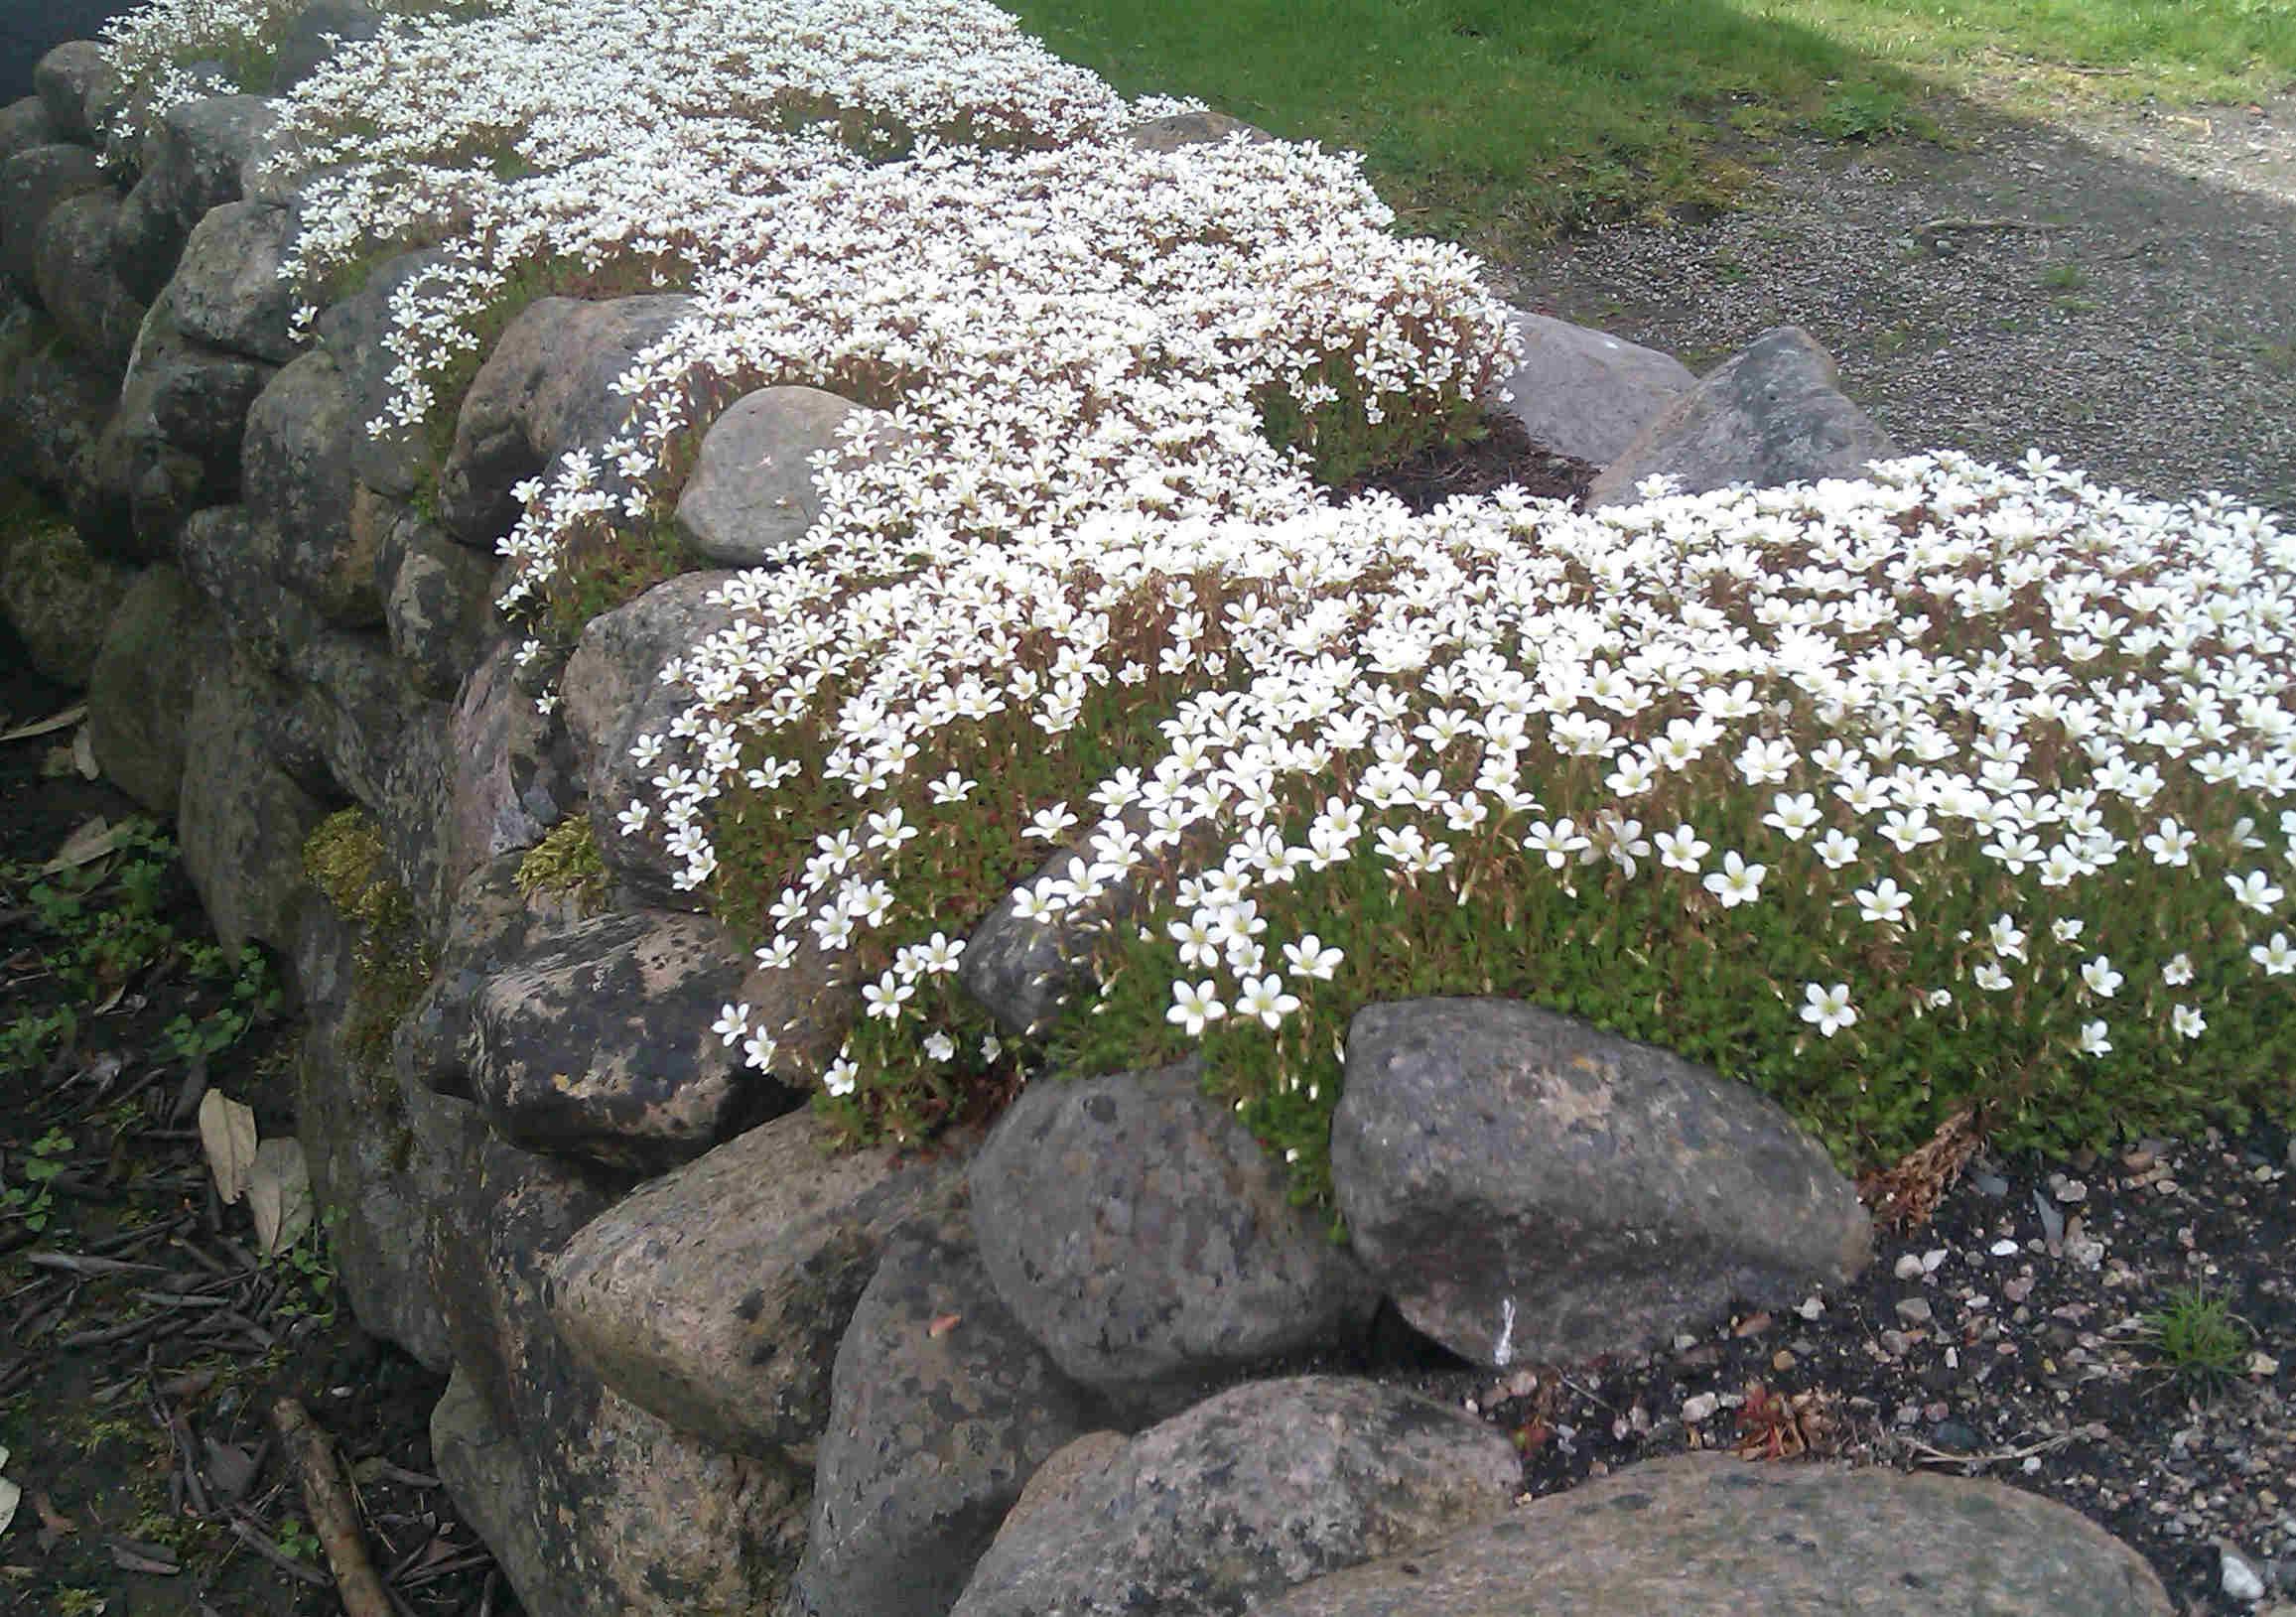 Rosenbräckan är en marktäckande växt som trivs i stenpartier.